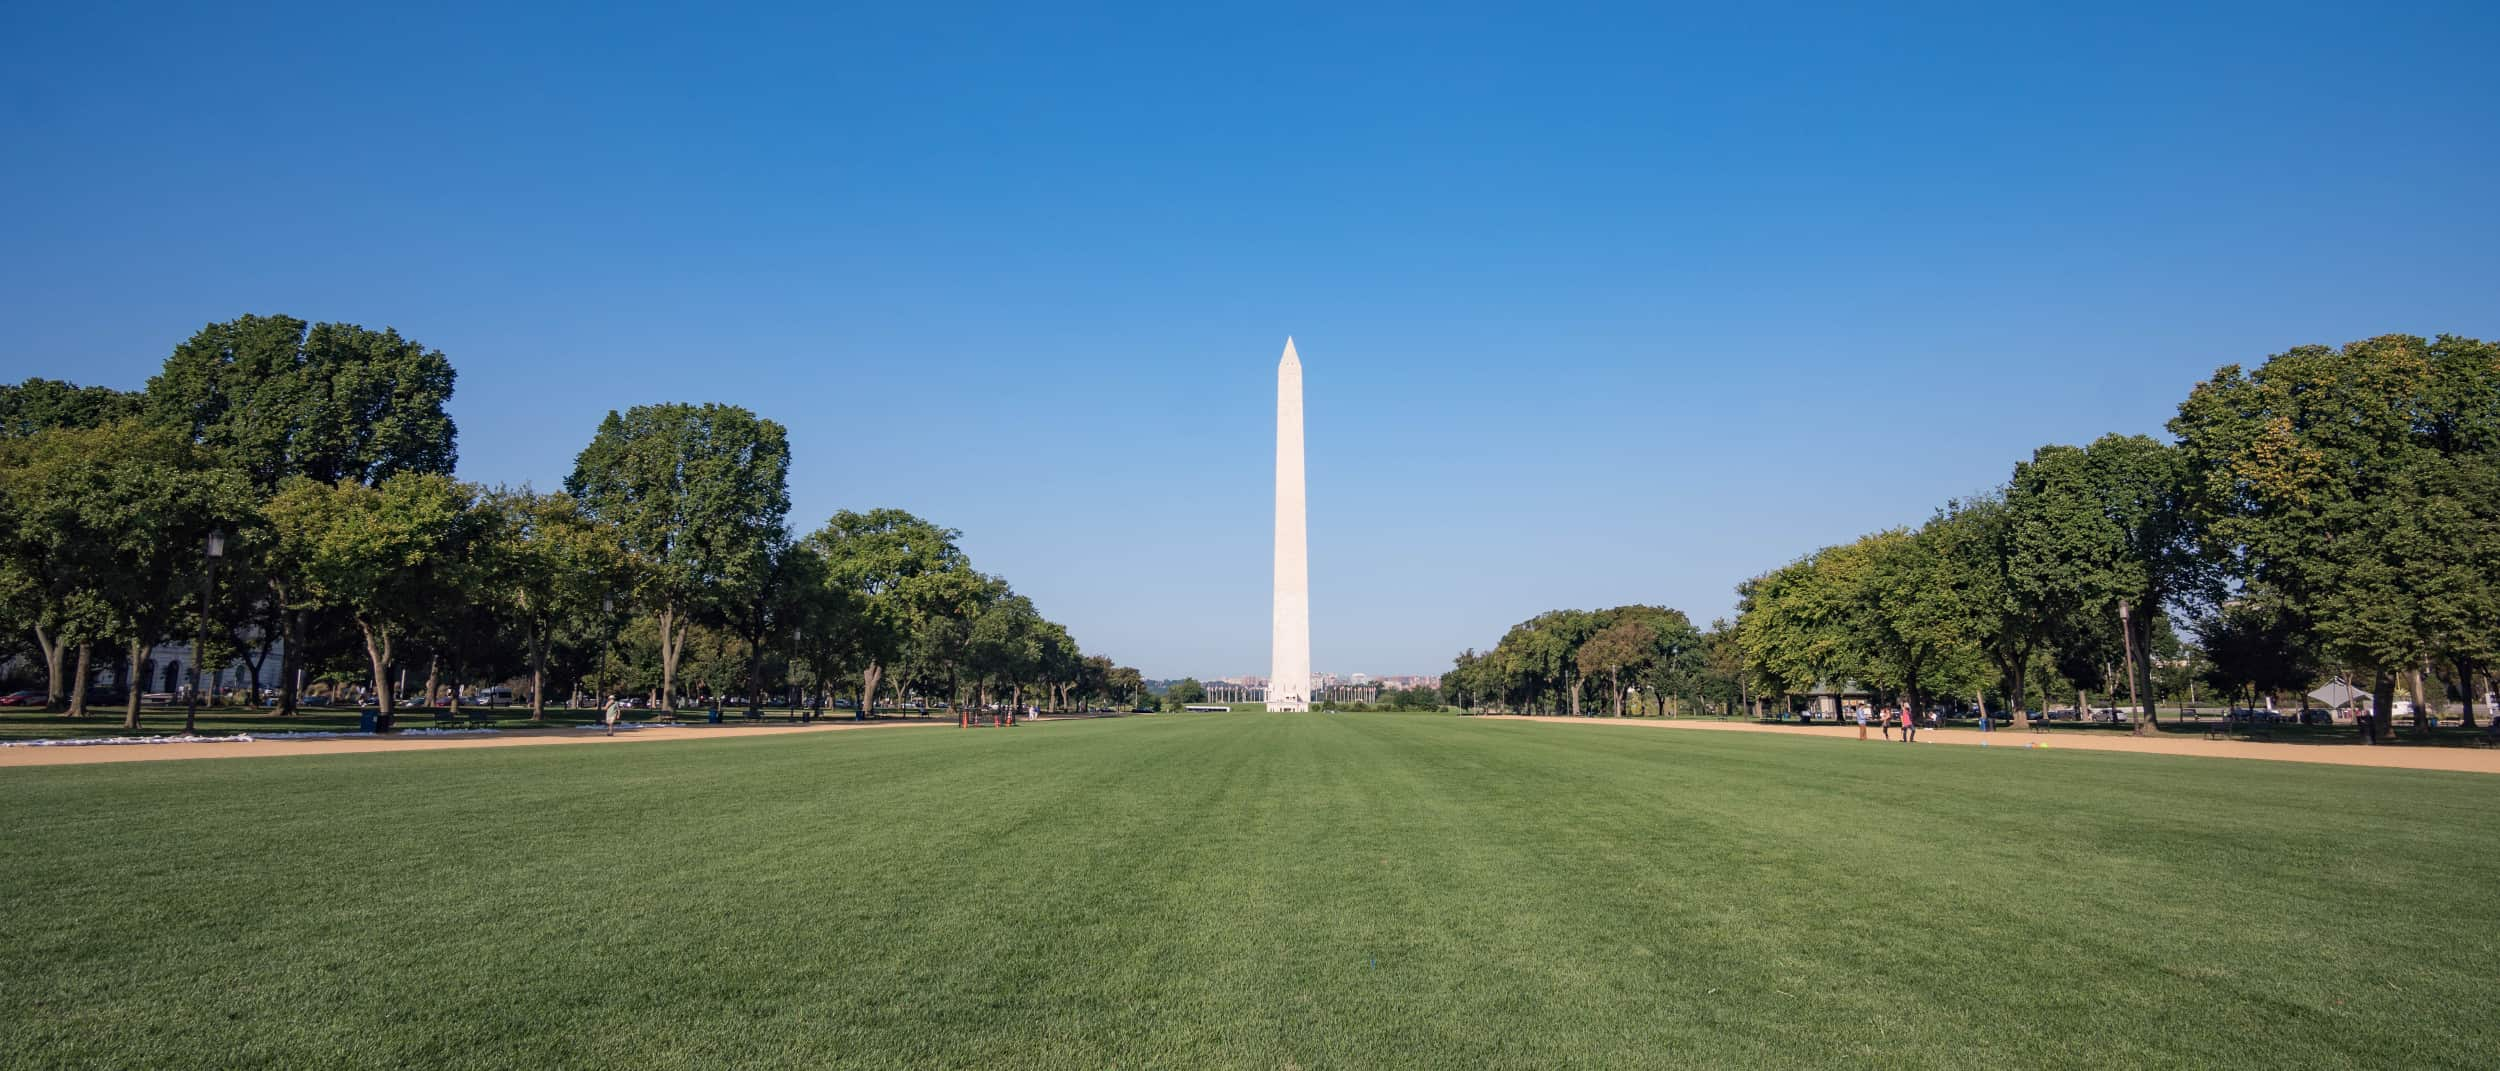 White obelisk